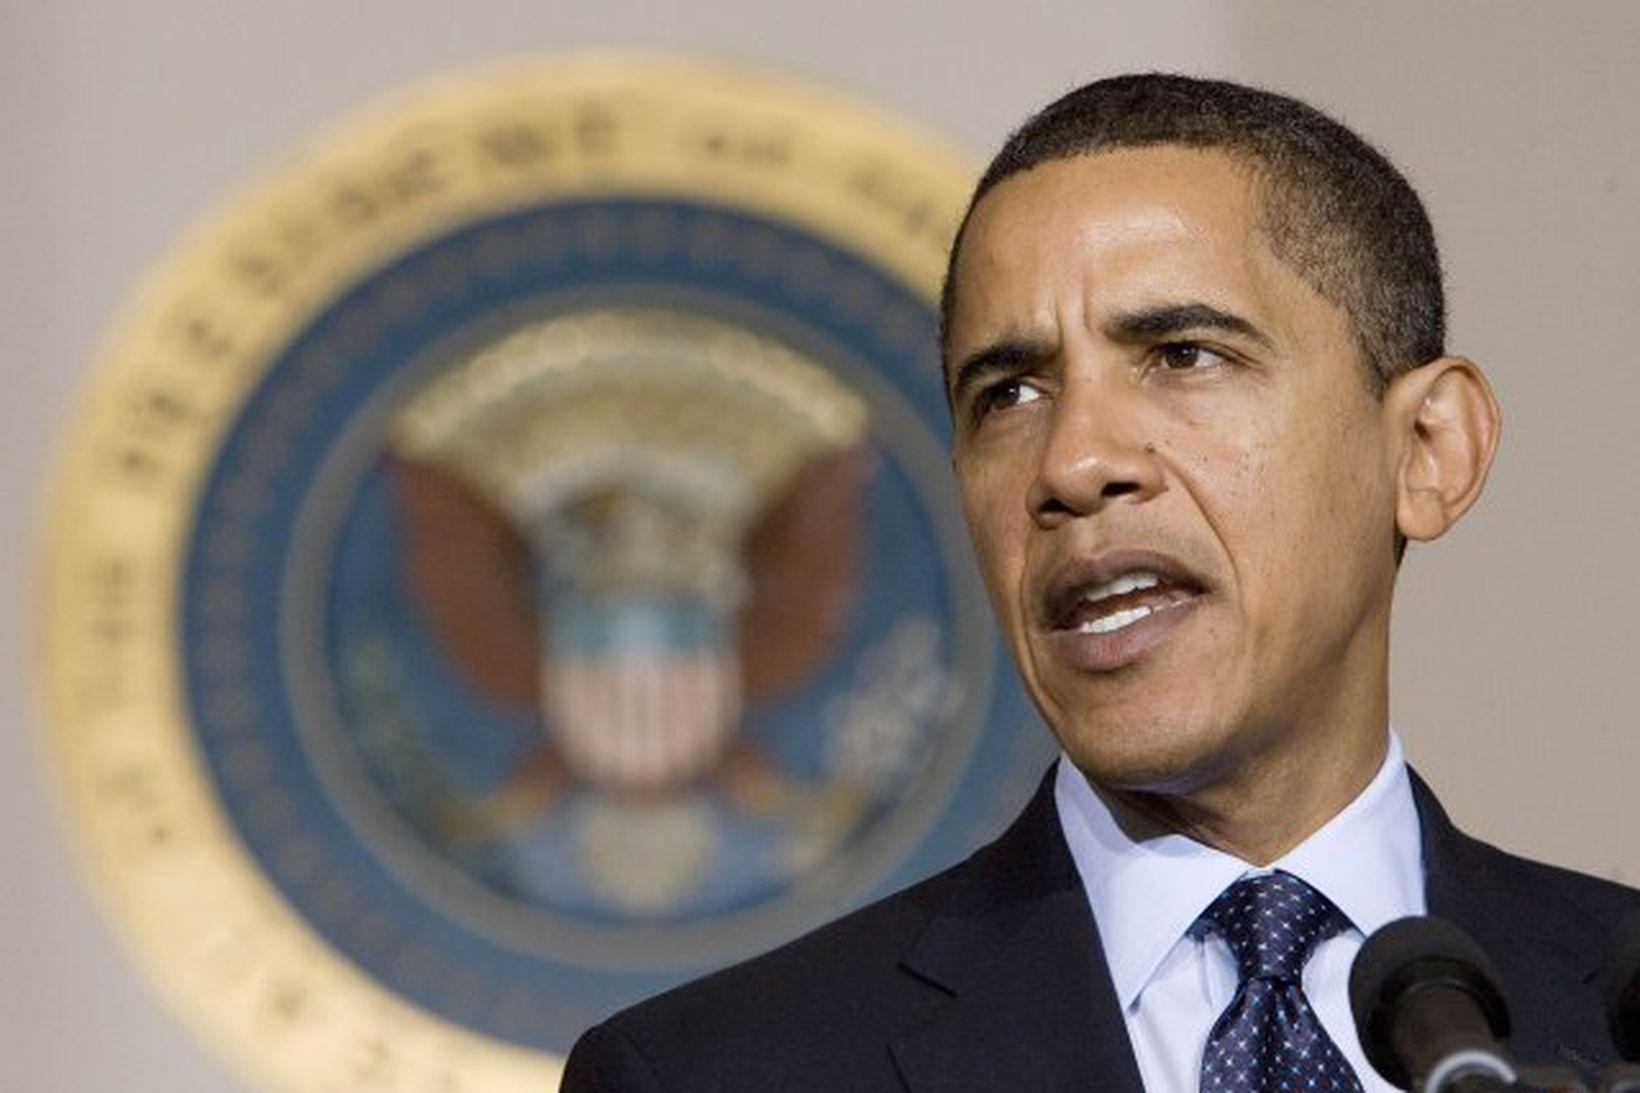 Obama forseti virðist víða vekja athygli, einnig í öðrum sólkerfum.